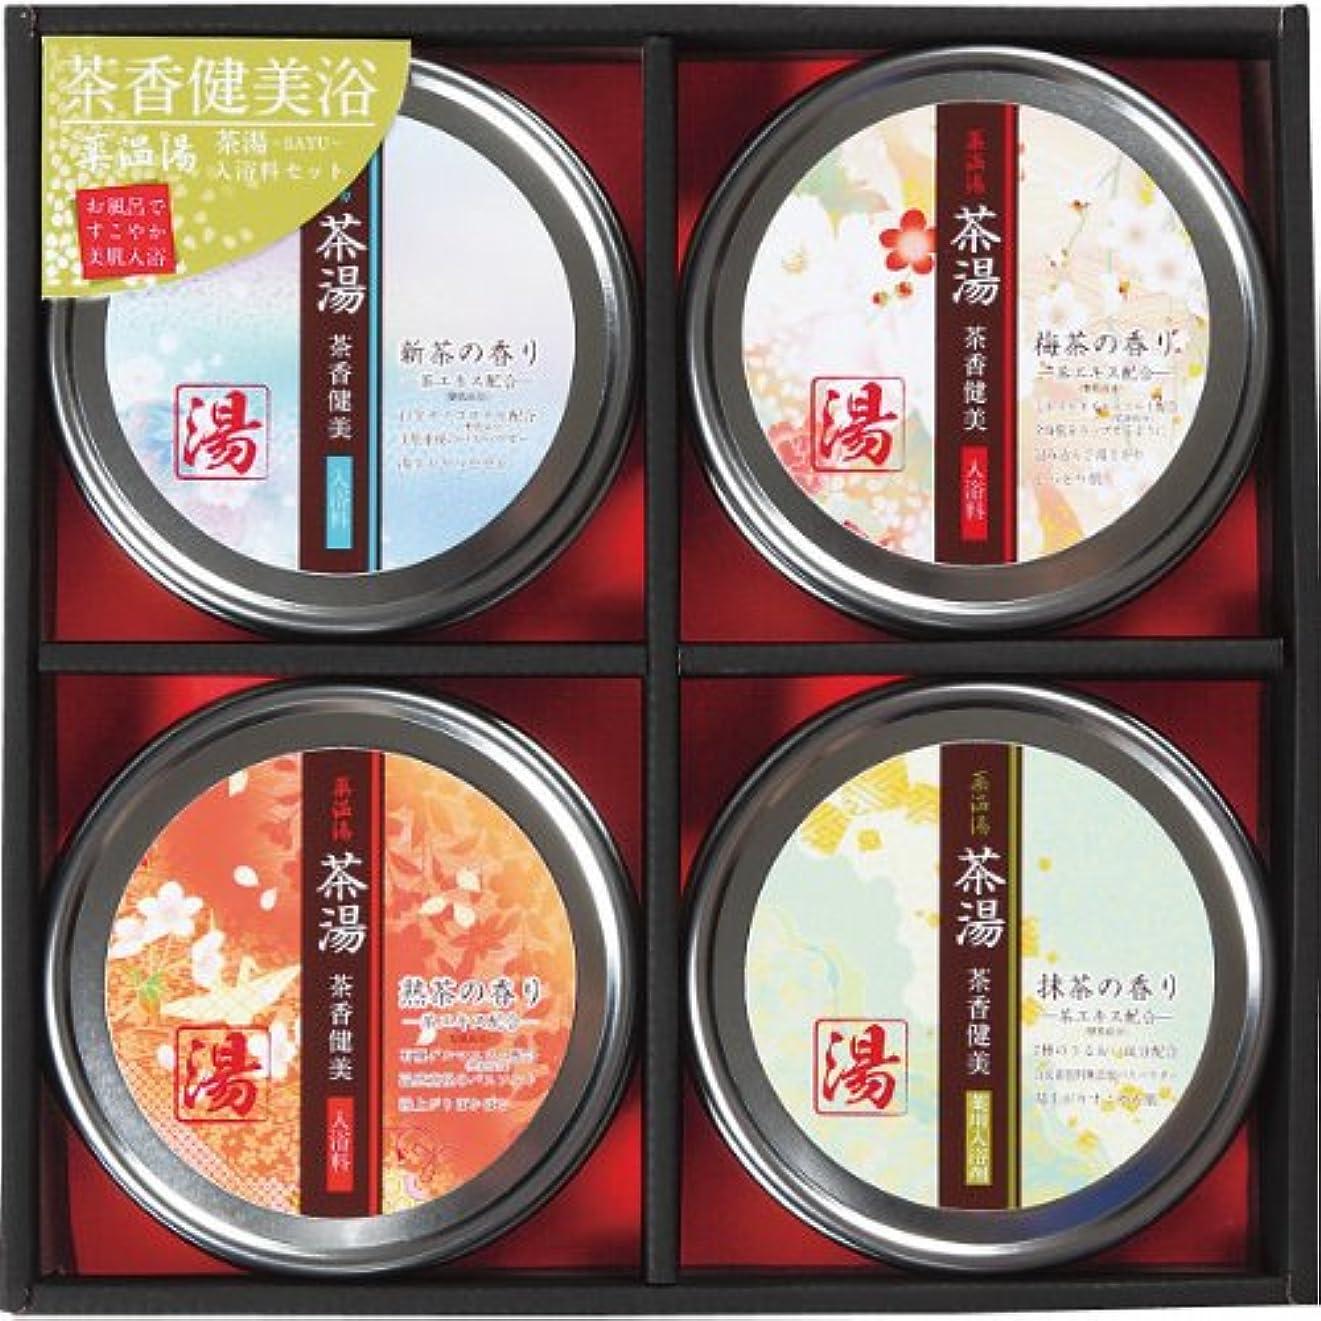 警告知る不幸敬老の日 贈り物 薬温湯 茶湯ギフトセット(SD)